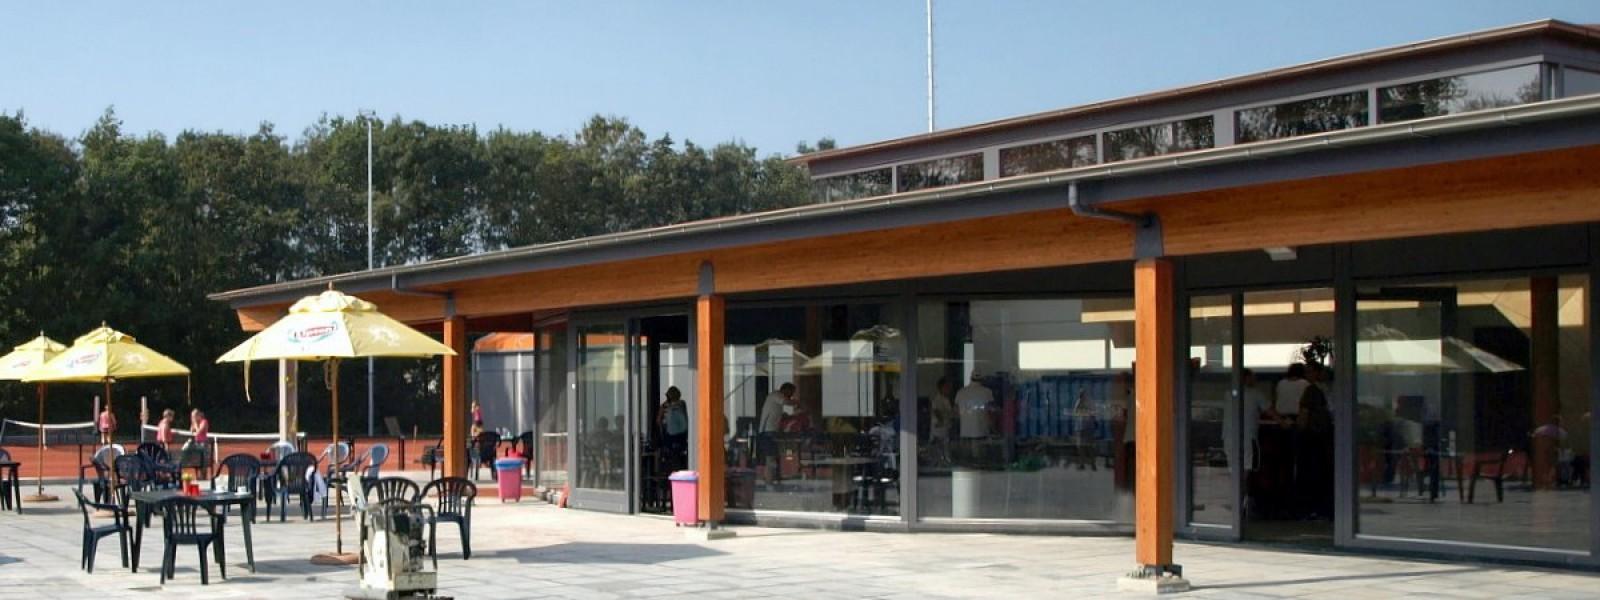 Utiliteit Clubgebouw Schenkel